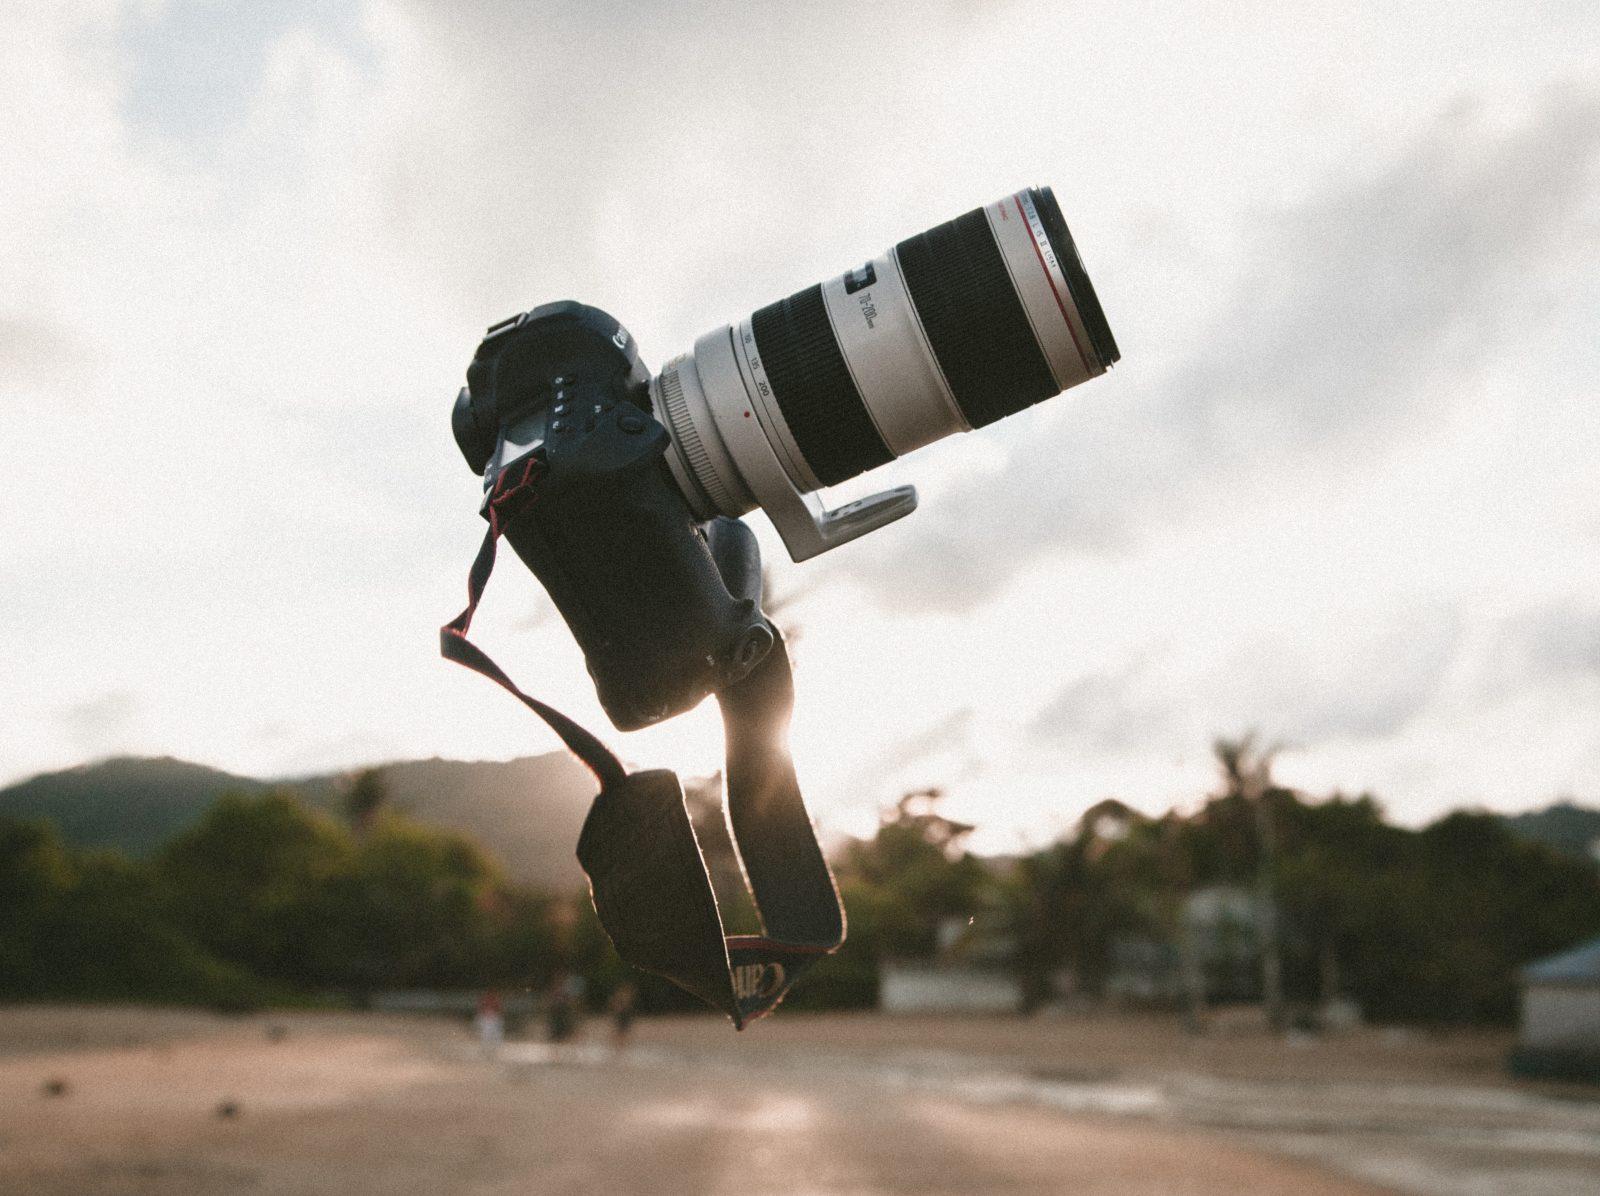 Mejores objetivos fotográficos para paisaje